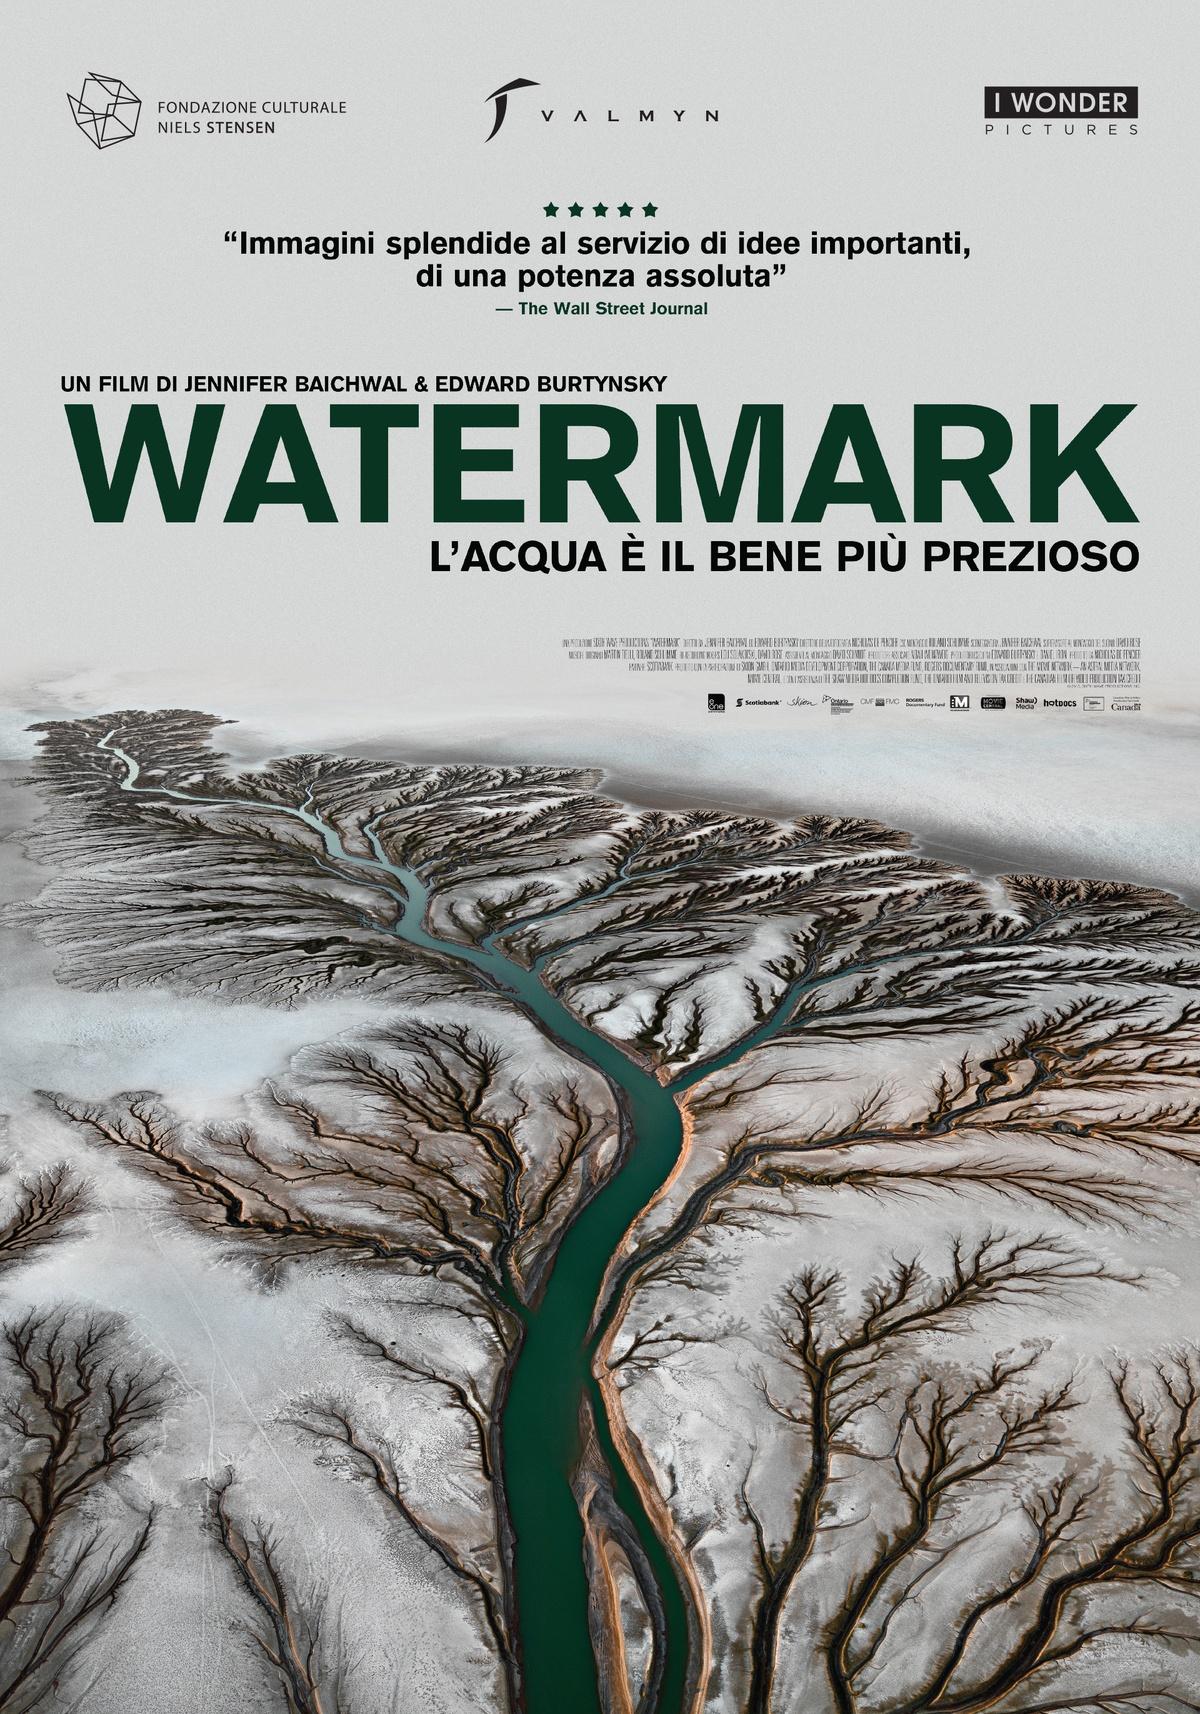 Watermark - L'acqua è il bene più prezioso